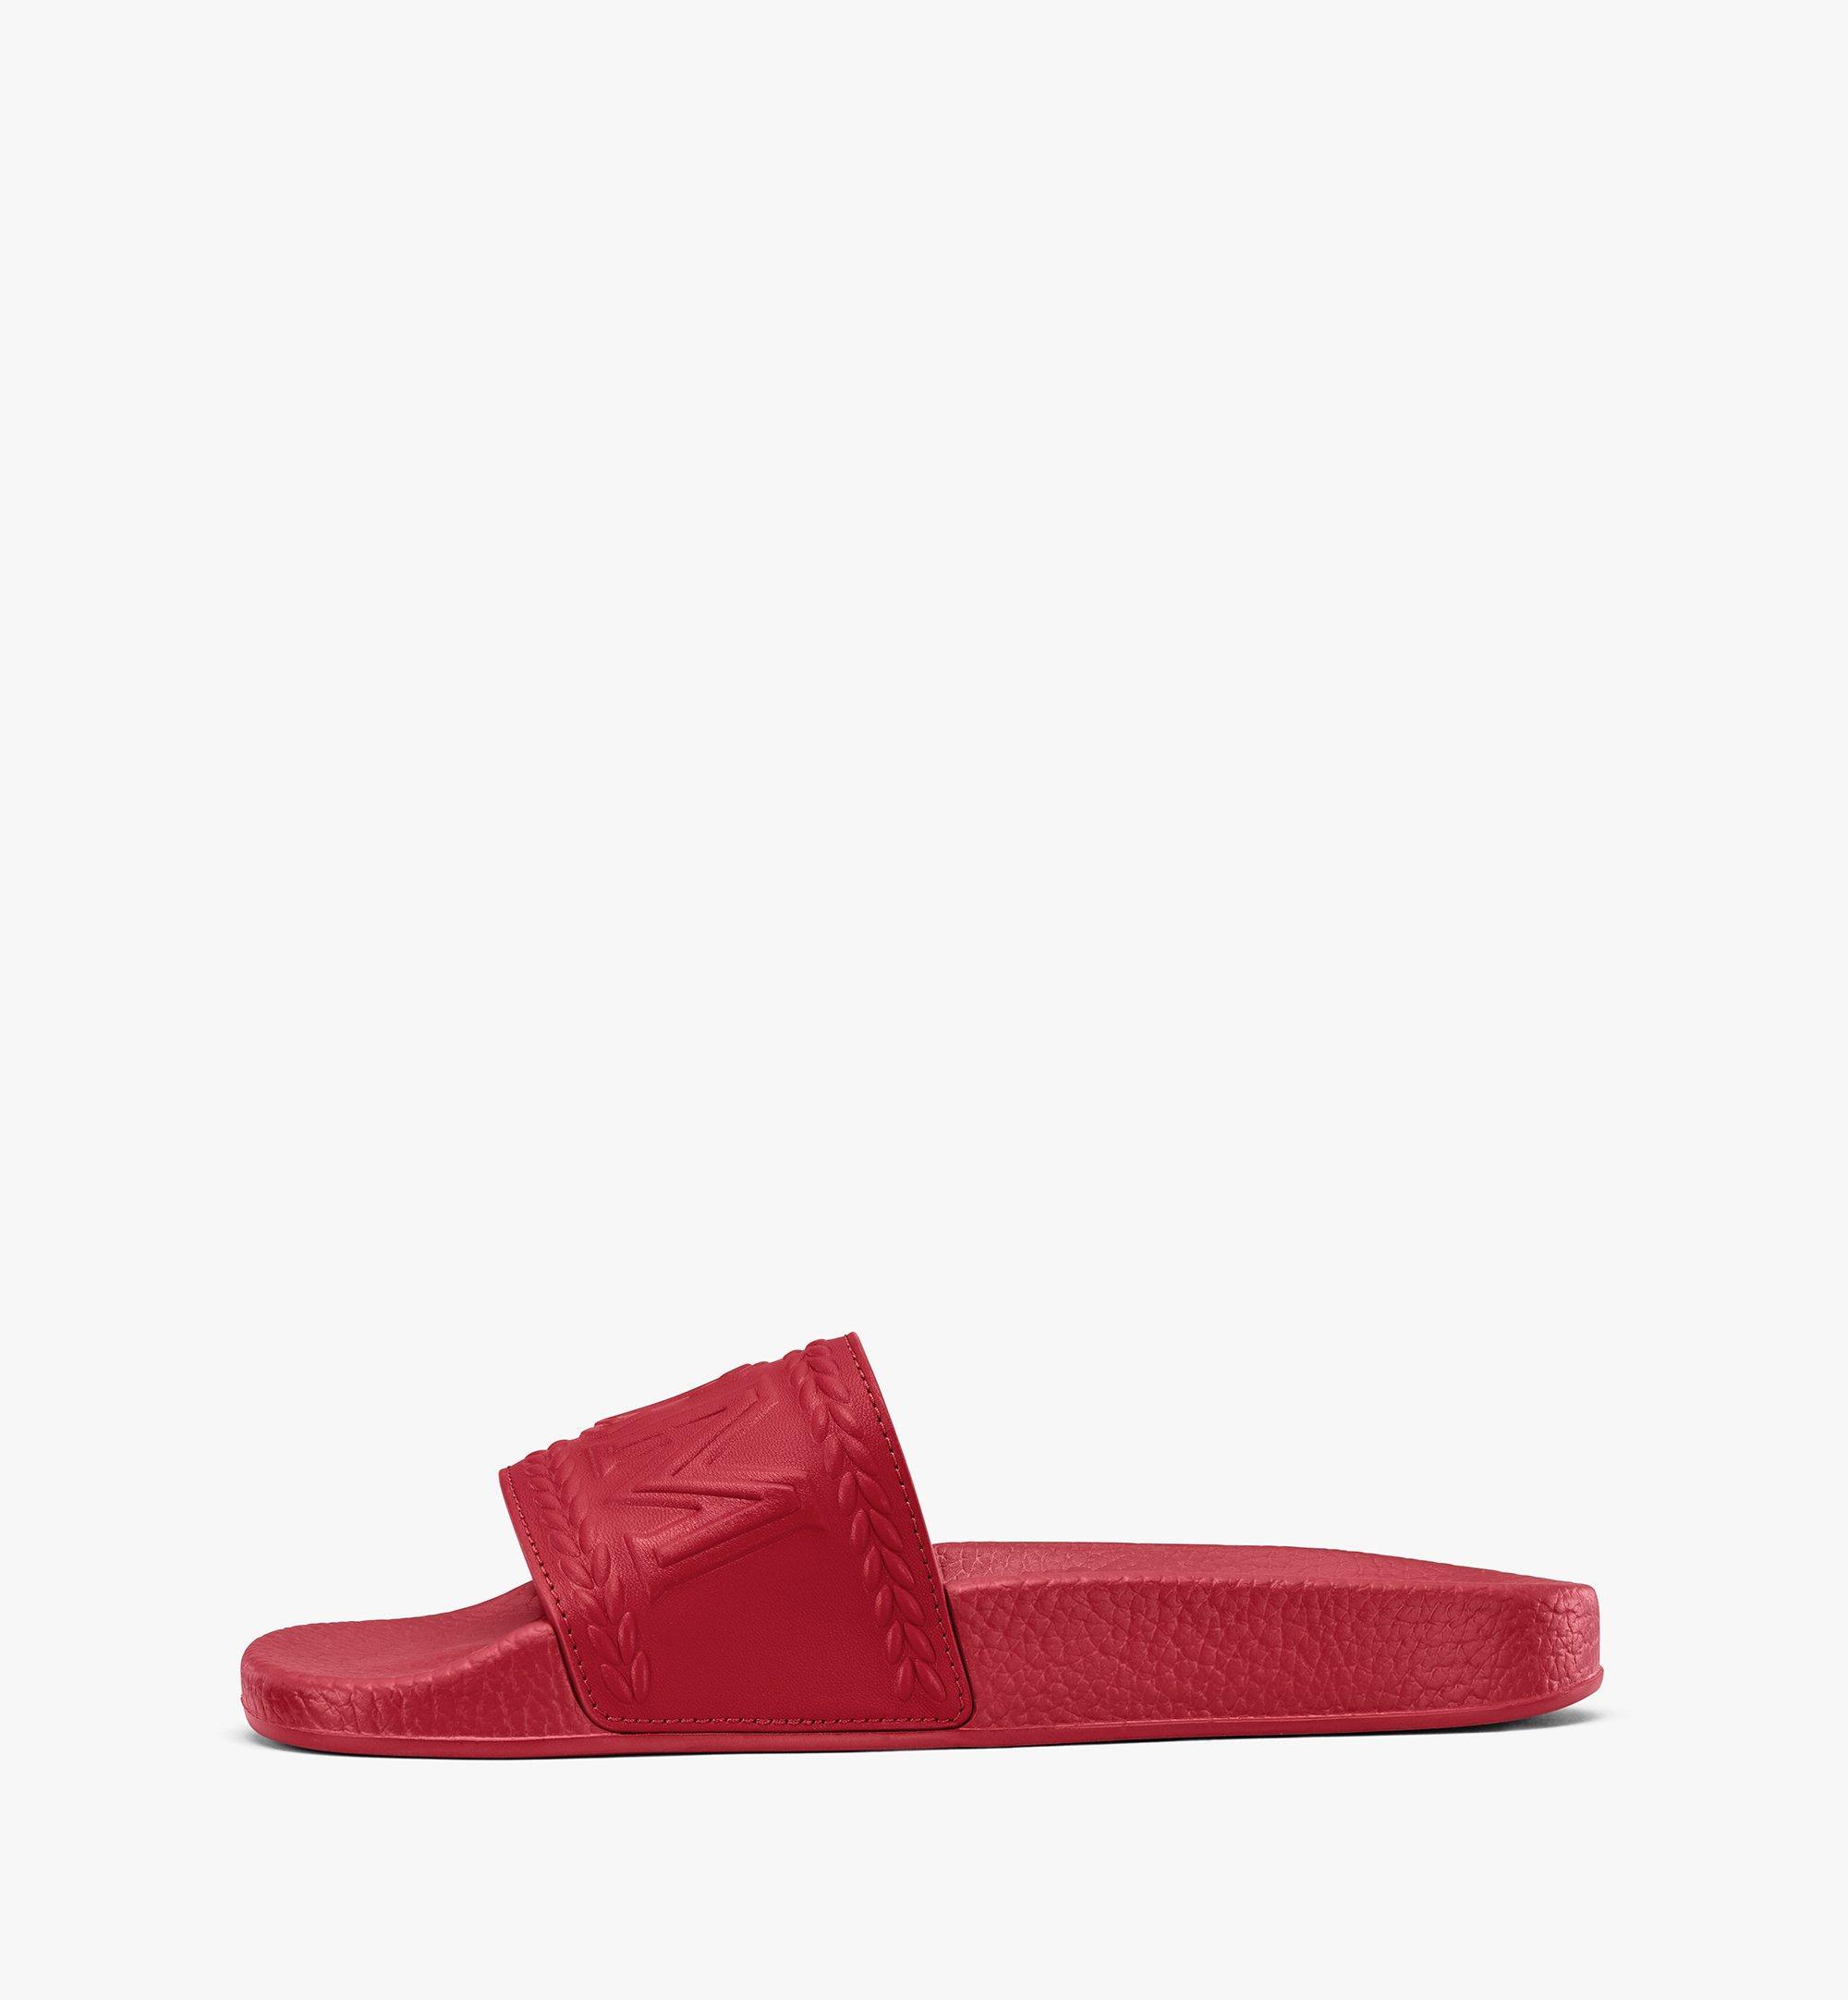 MCM Slides mit Big Logo für Damen Red MESASMM24R4035 Noch mehr sehen 3